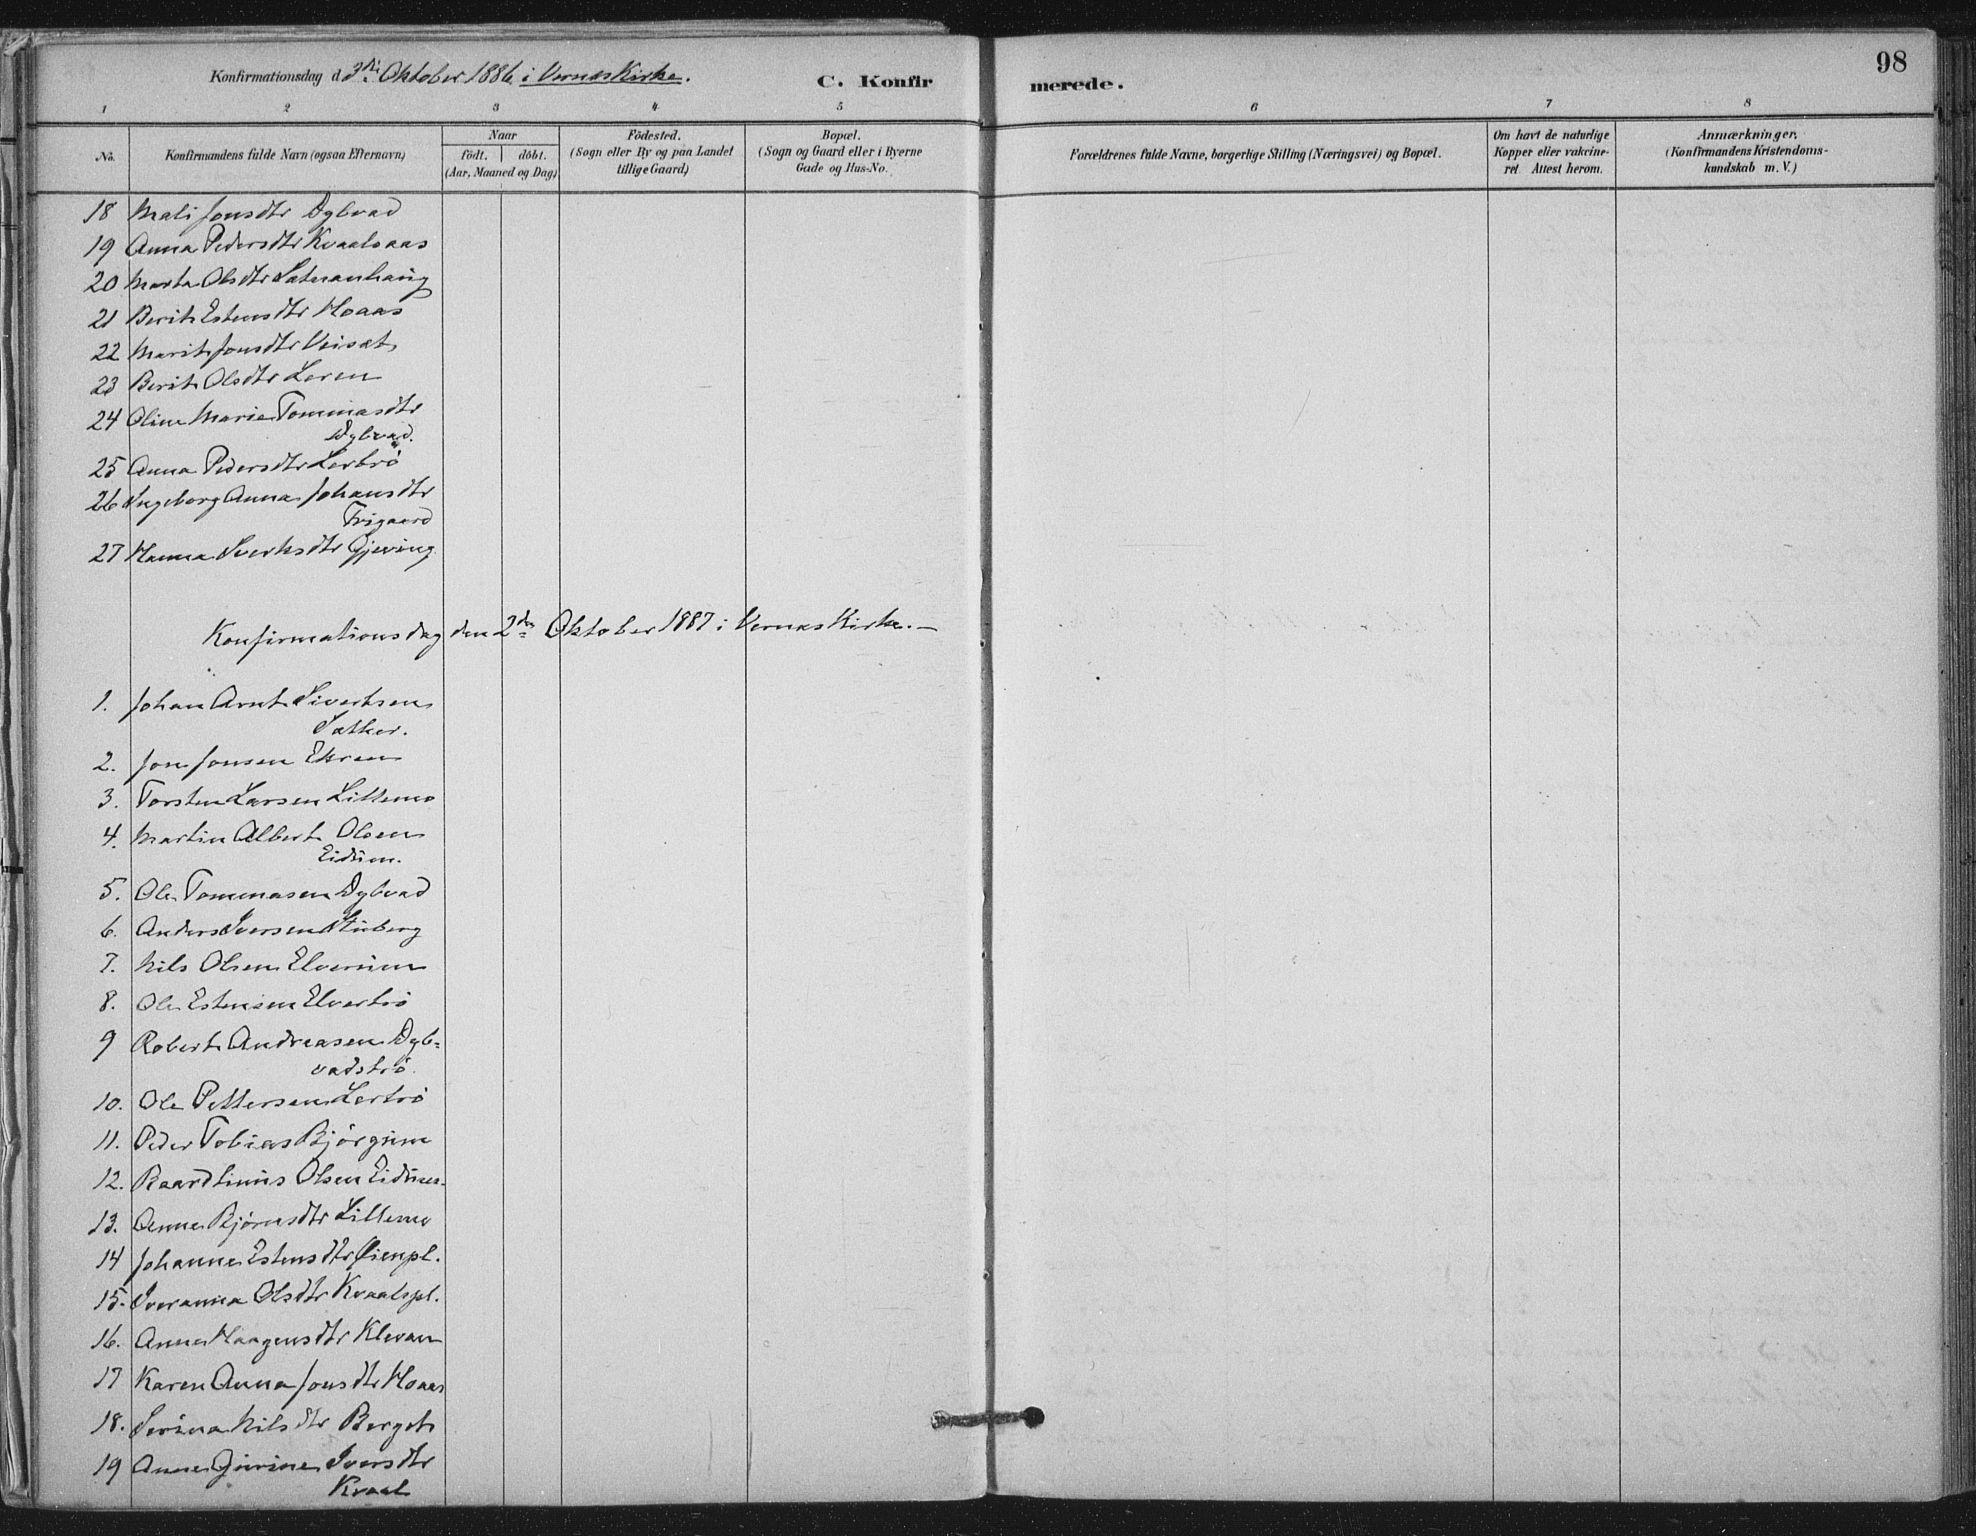 SAT, Ministerialprotokoller, klokkerbøker og fødselsregistre - Nord-Trøndelag, 710/L0095: Ministerialbok nr. 710A01, 1880-1914, s. 98